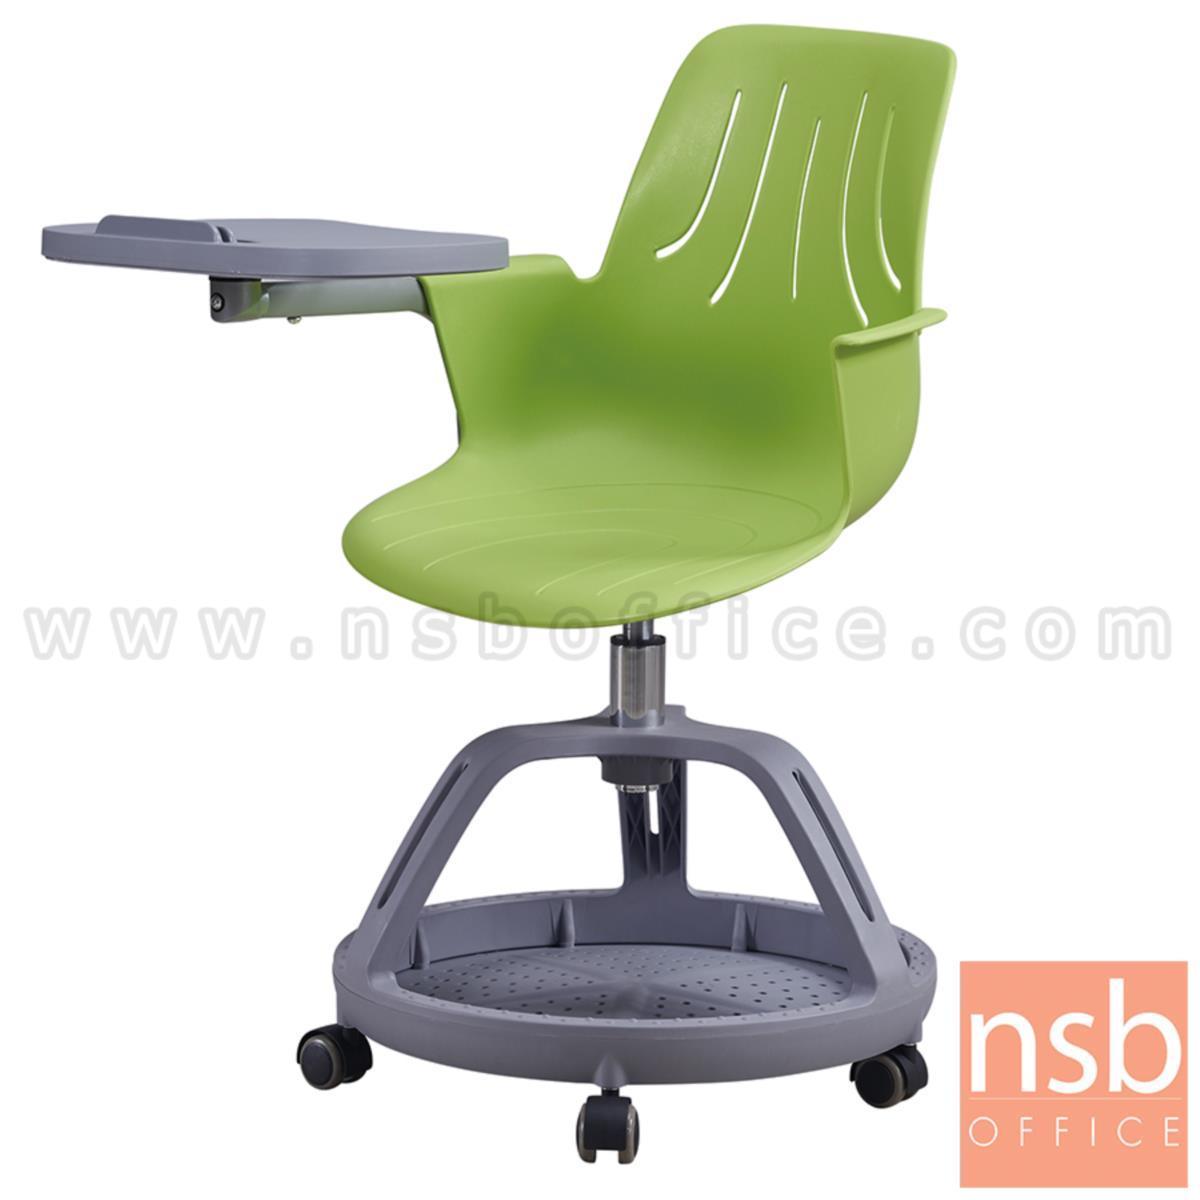 B30A043:เก้าอี้เลคเชอร์เฟรมโพลี่ล้อเลื่อน รุ่น Bastien (บาสเตียน)  ฐานกลมวางกระเป๋าได้